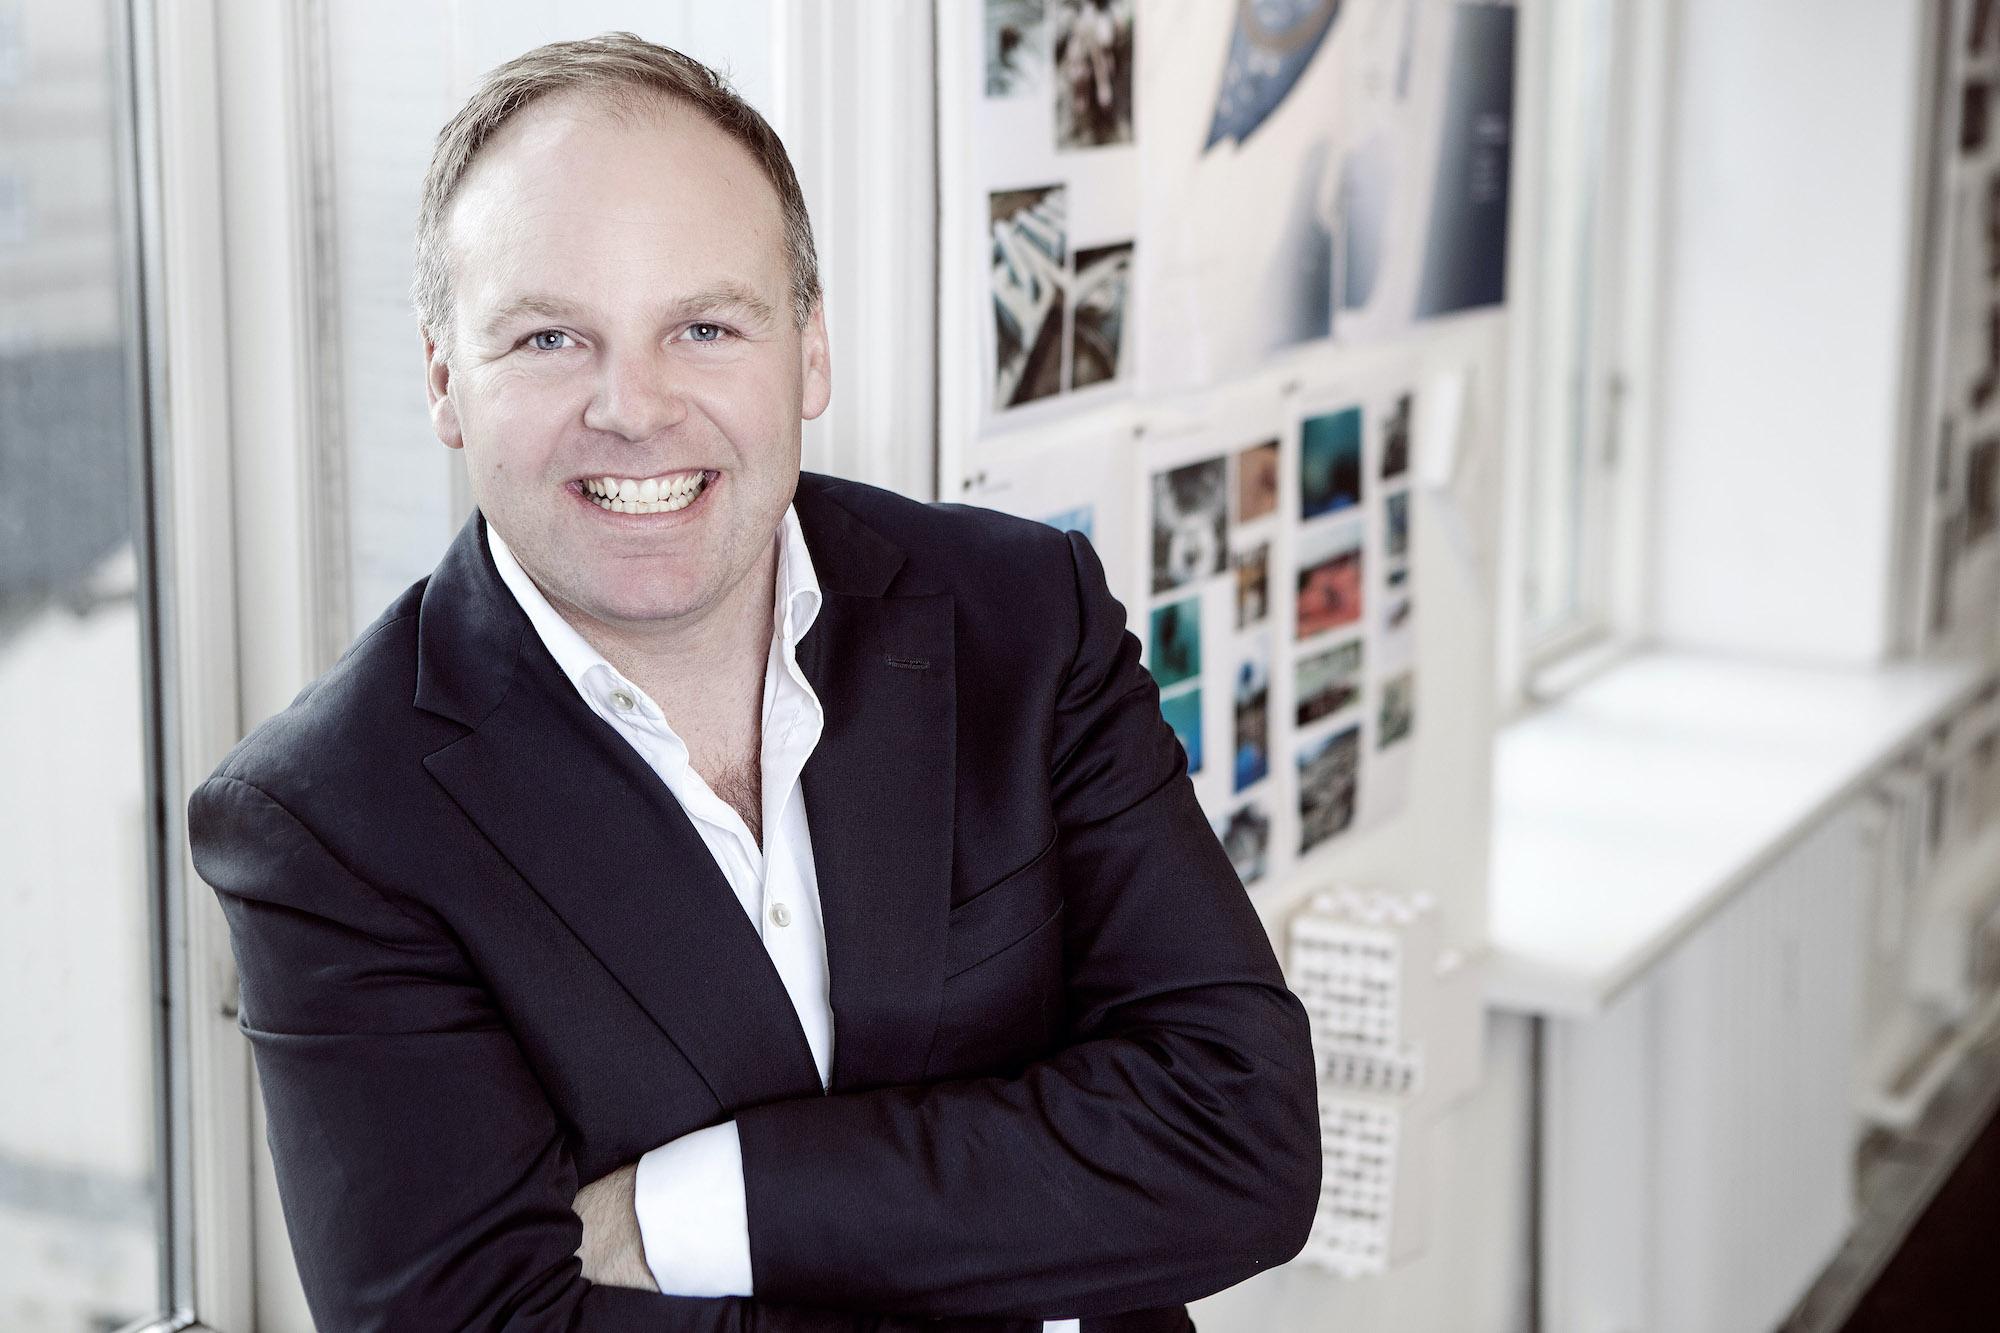 Arkitekt og partner på tegnestuen Force4 Andreas Lauesen. Ophængte billeder i baggrunden